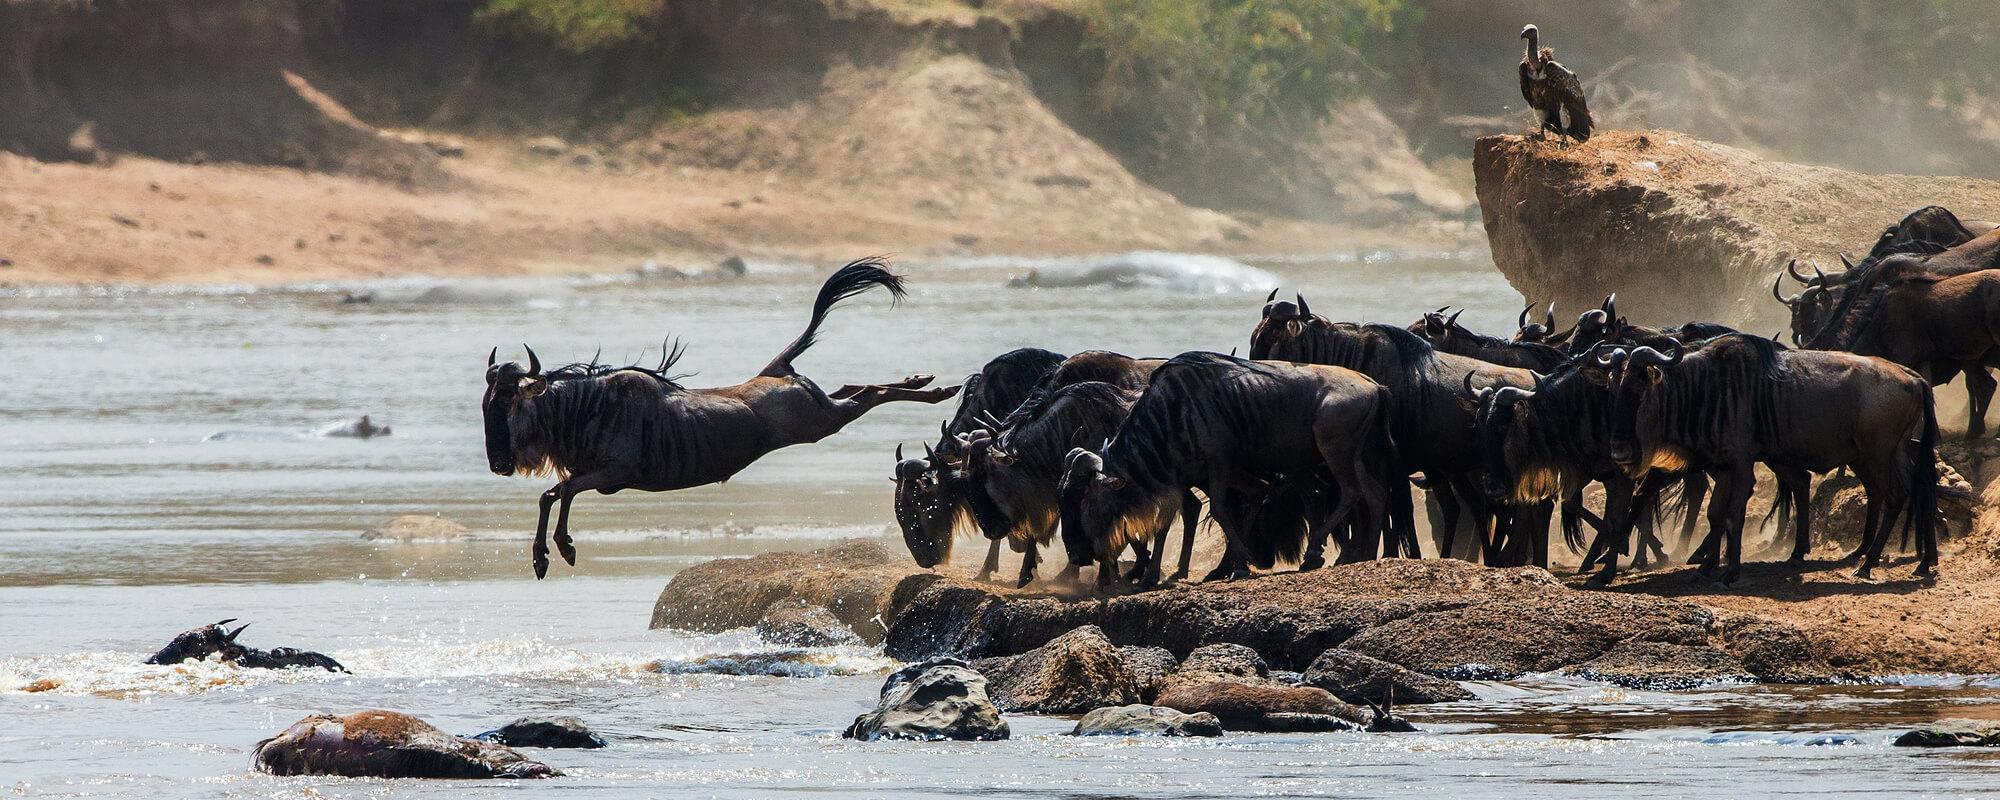 Safari i det nordlige Tanzania